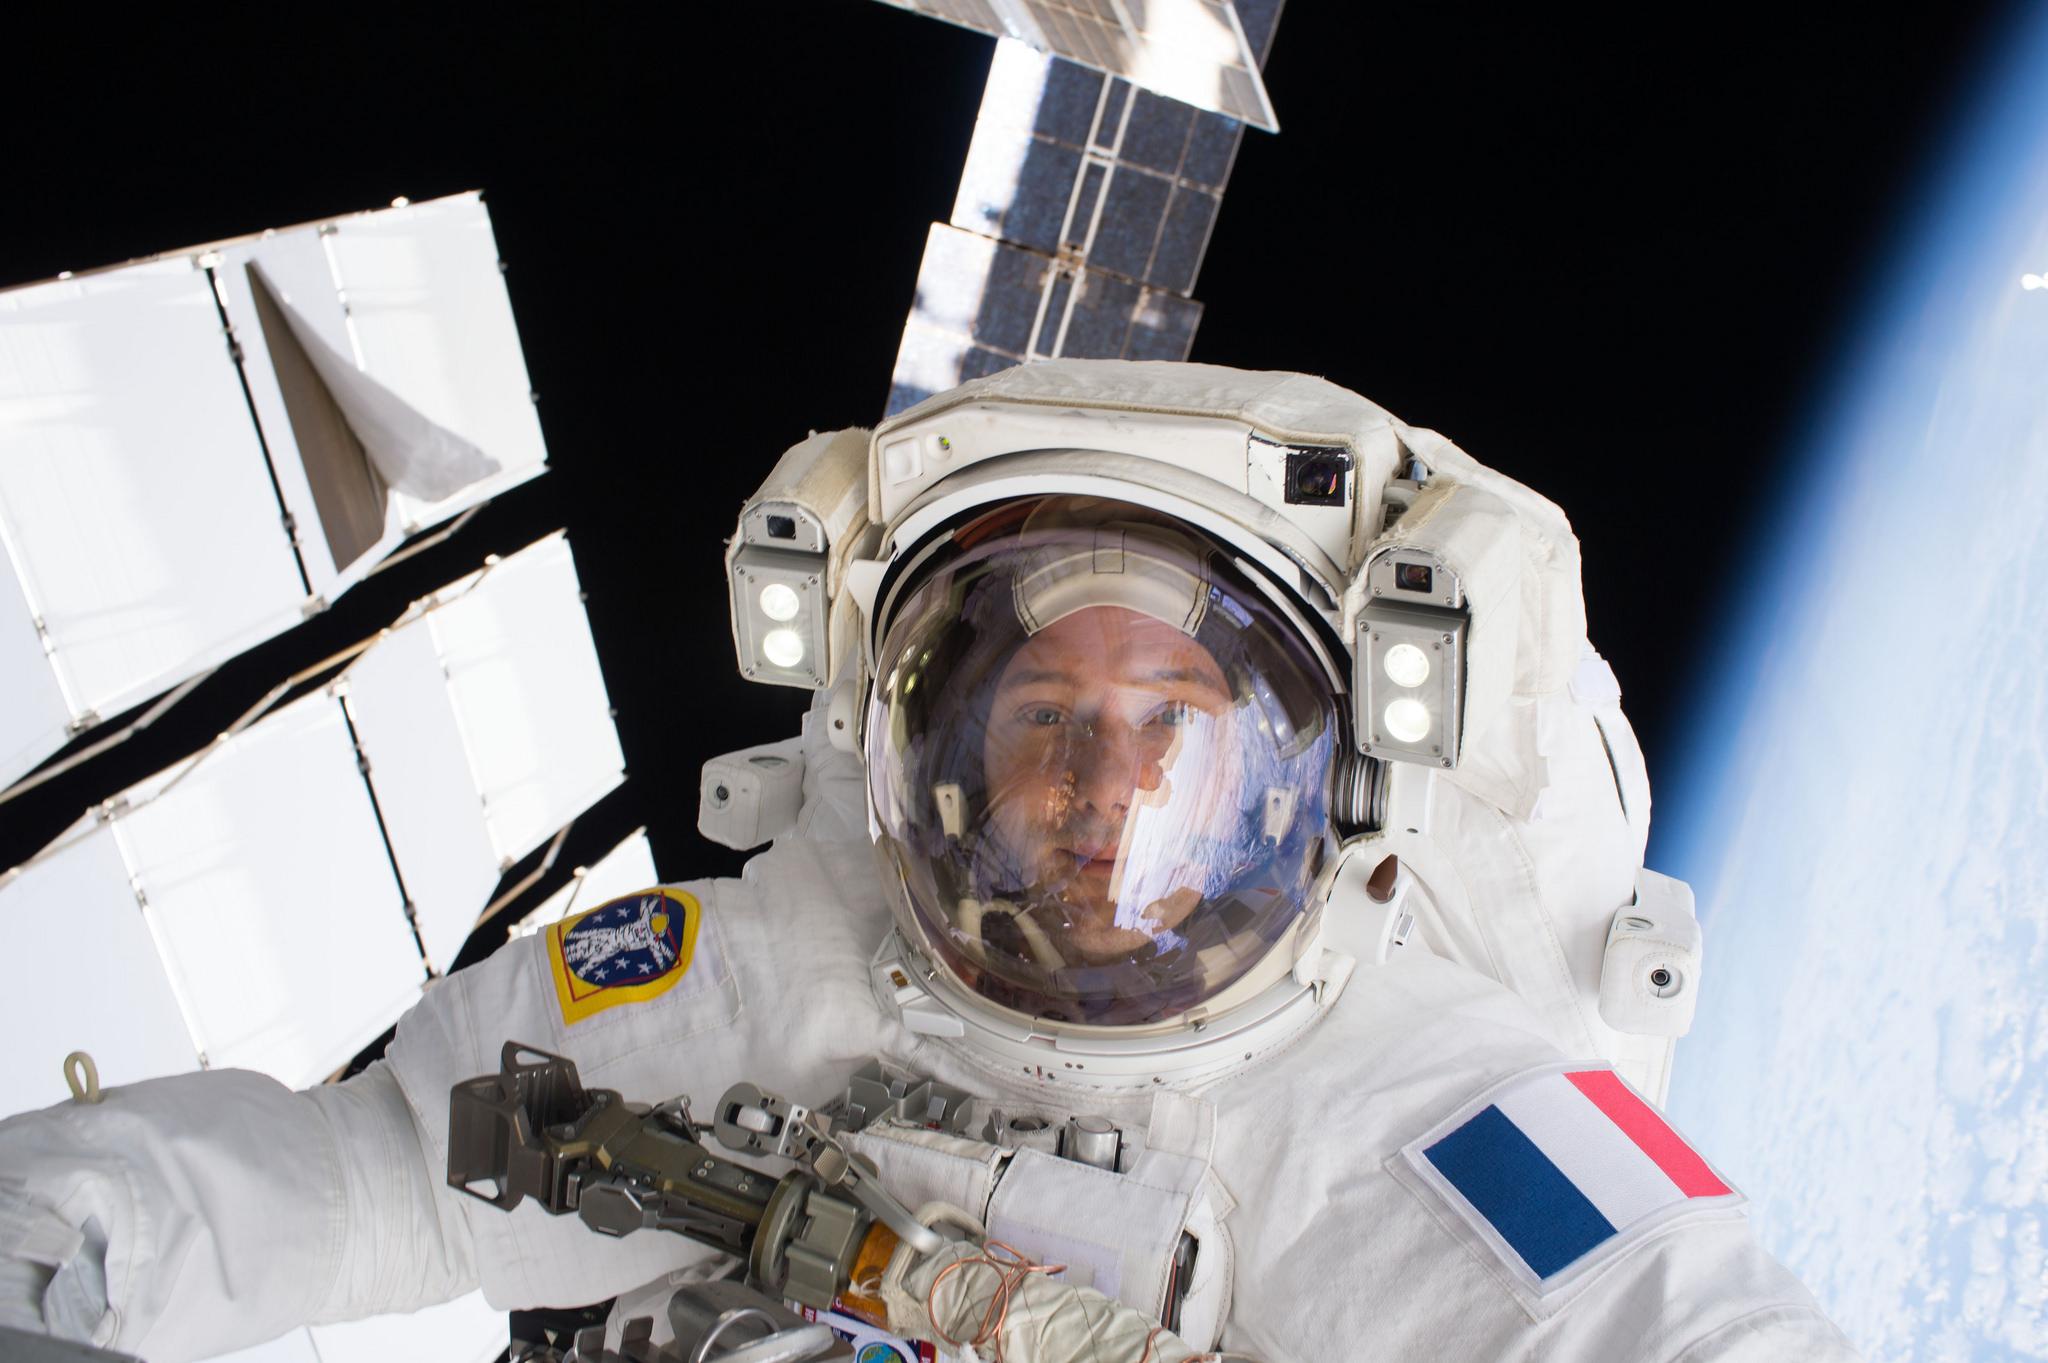 L'astronaute de l'ESA Thomas Pesquet prend un selfie lors d'une sortie dans l'espace avec l'astronaute de la NASA Shane Kimbrough en janvier 2017.